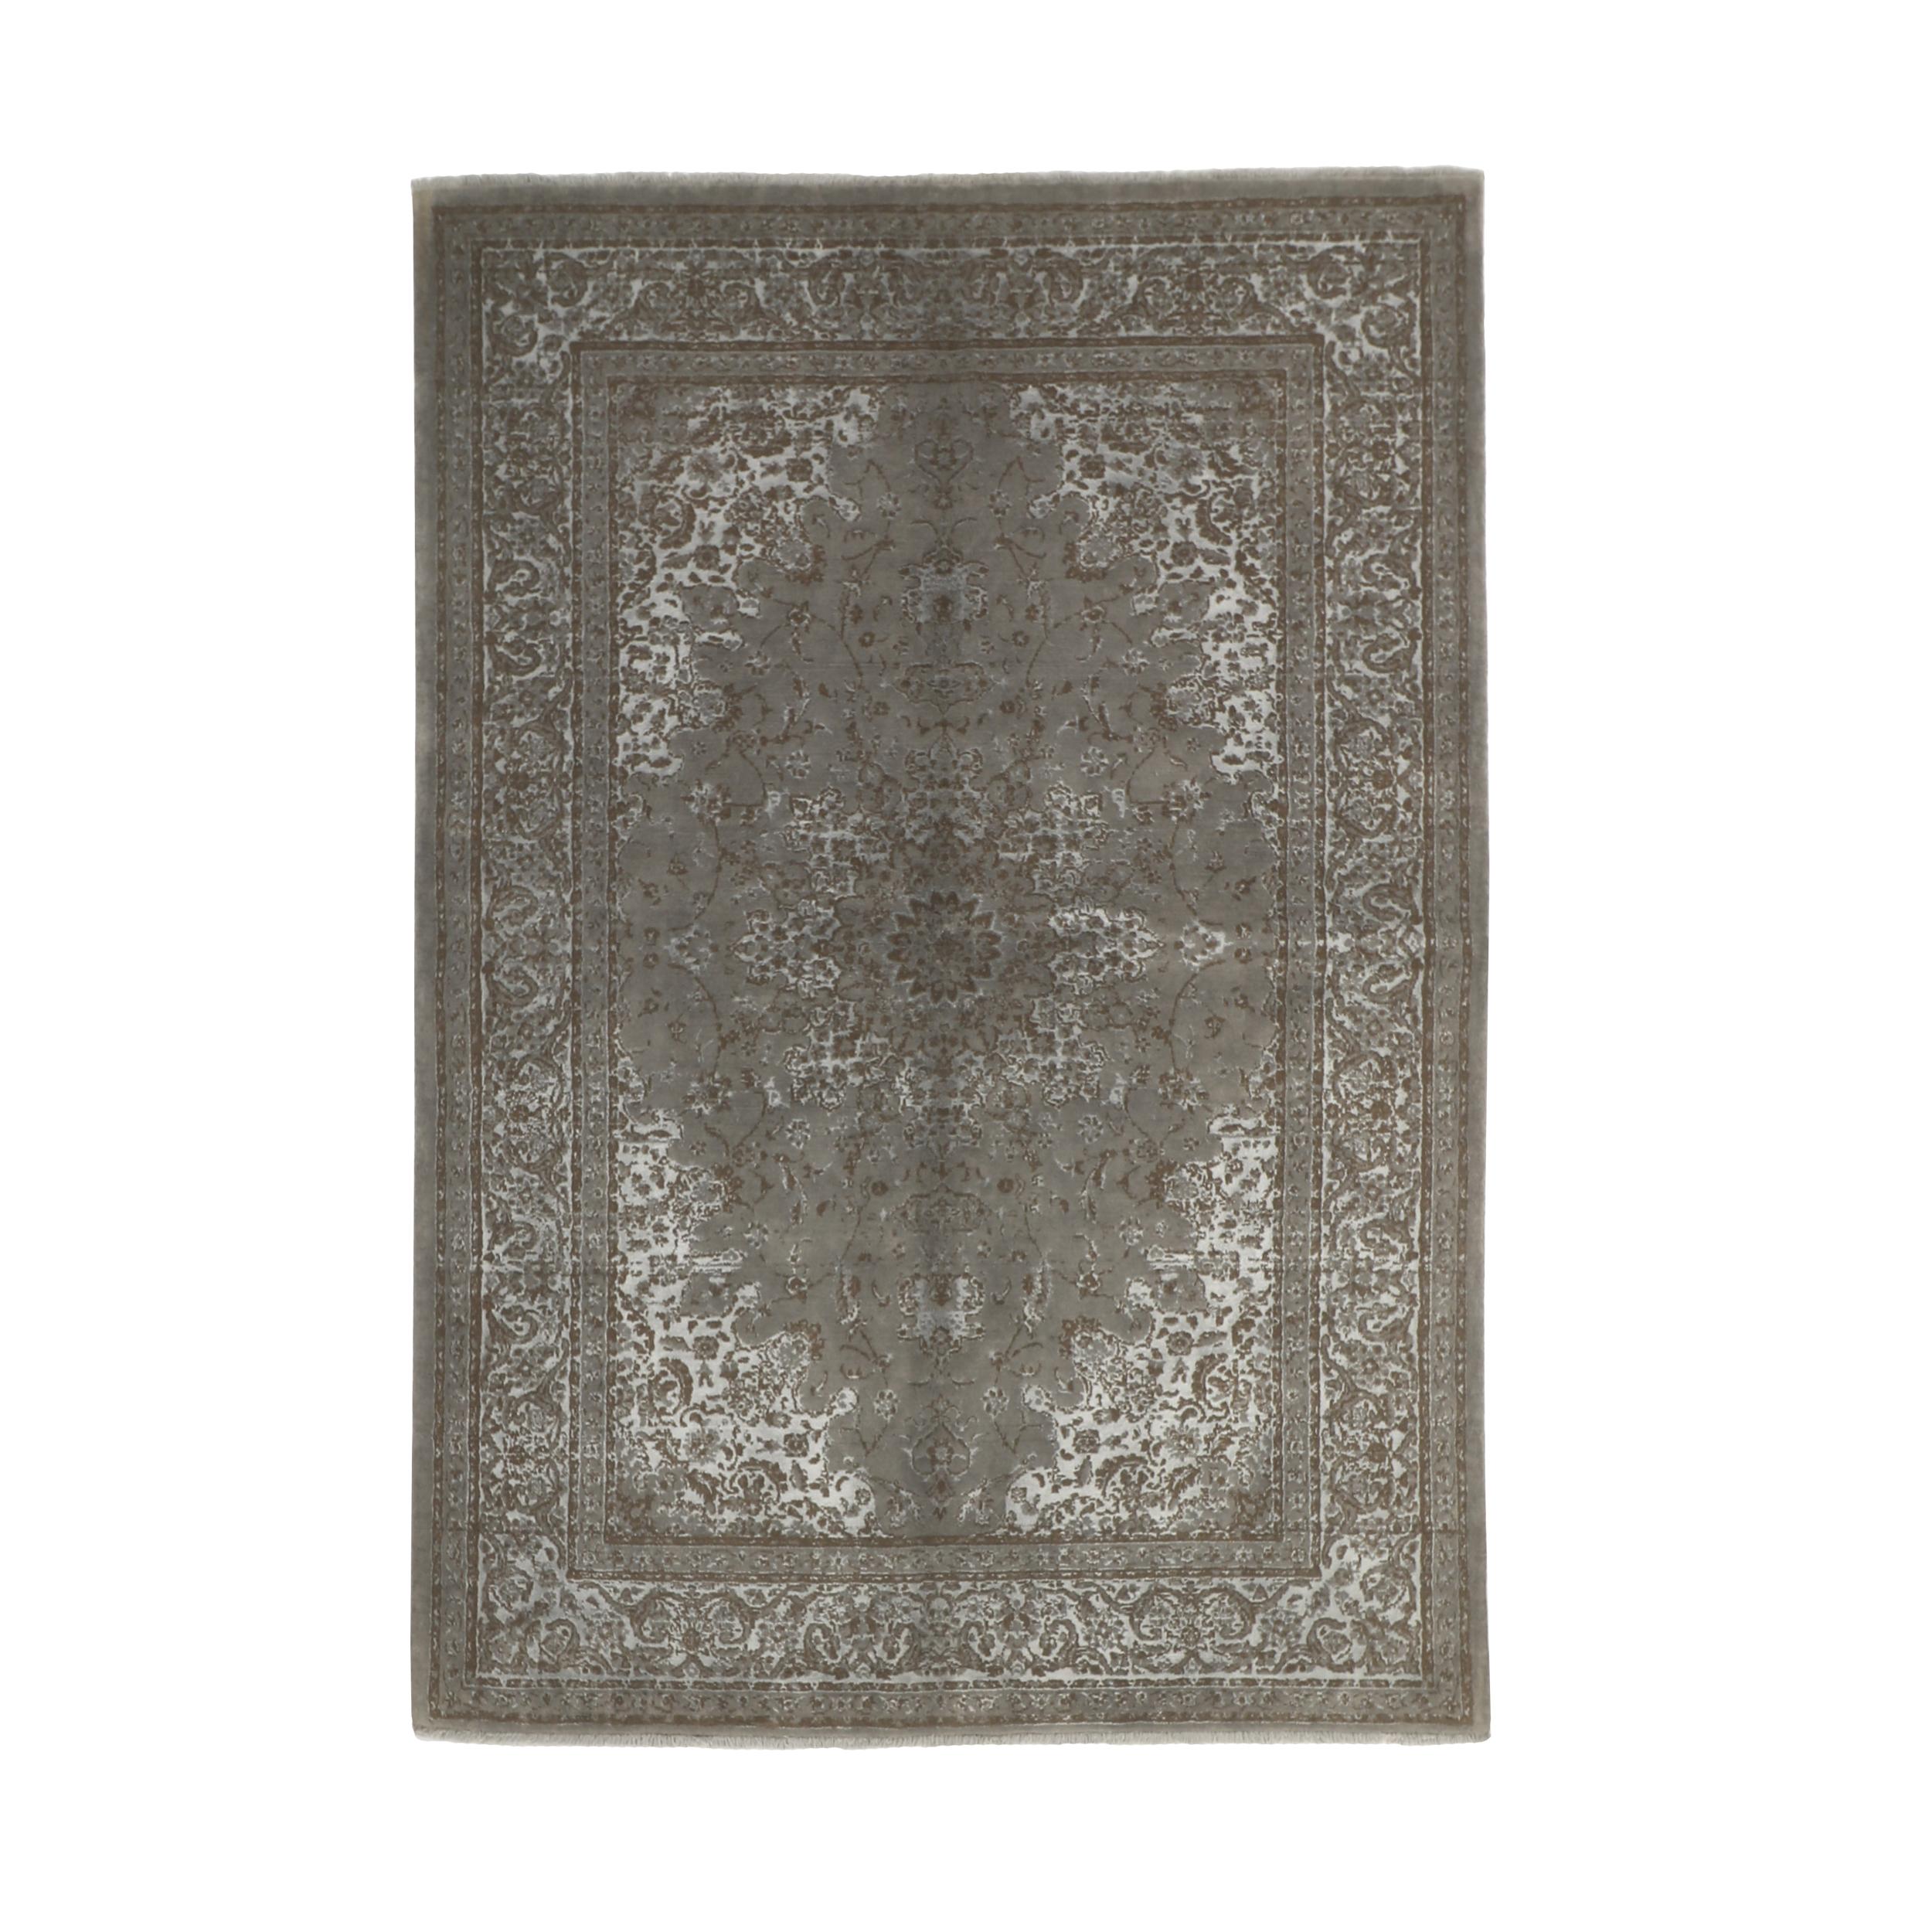 فرش نیمه دستبافت چهار متری مدل گل ابریشم کد 543909